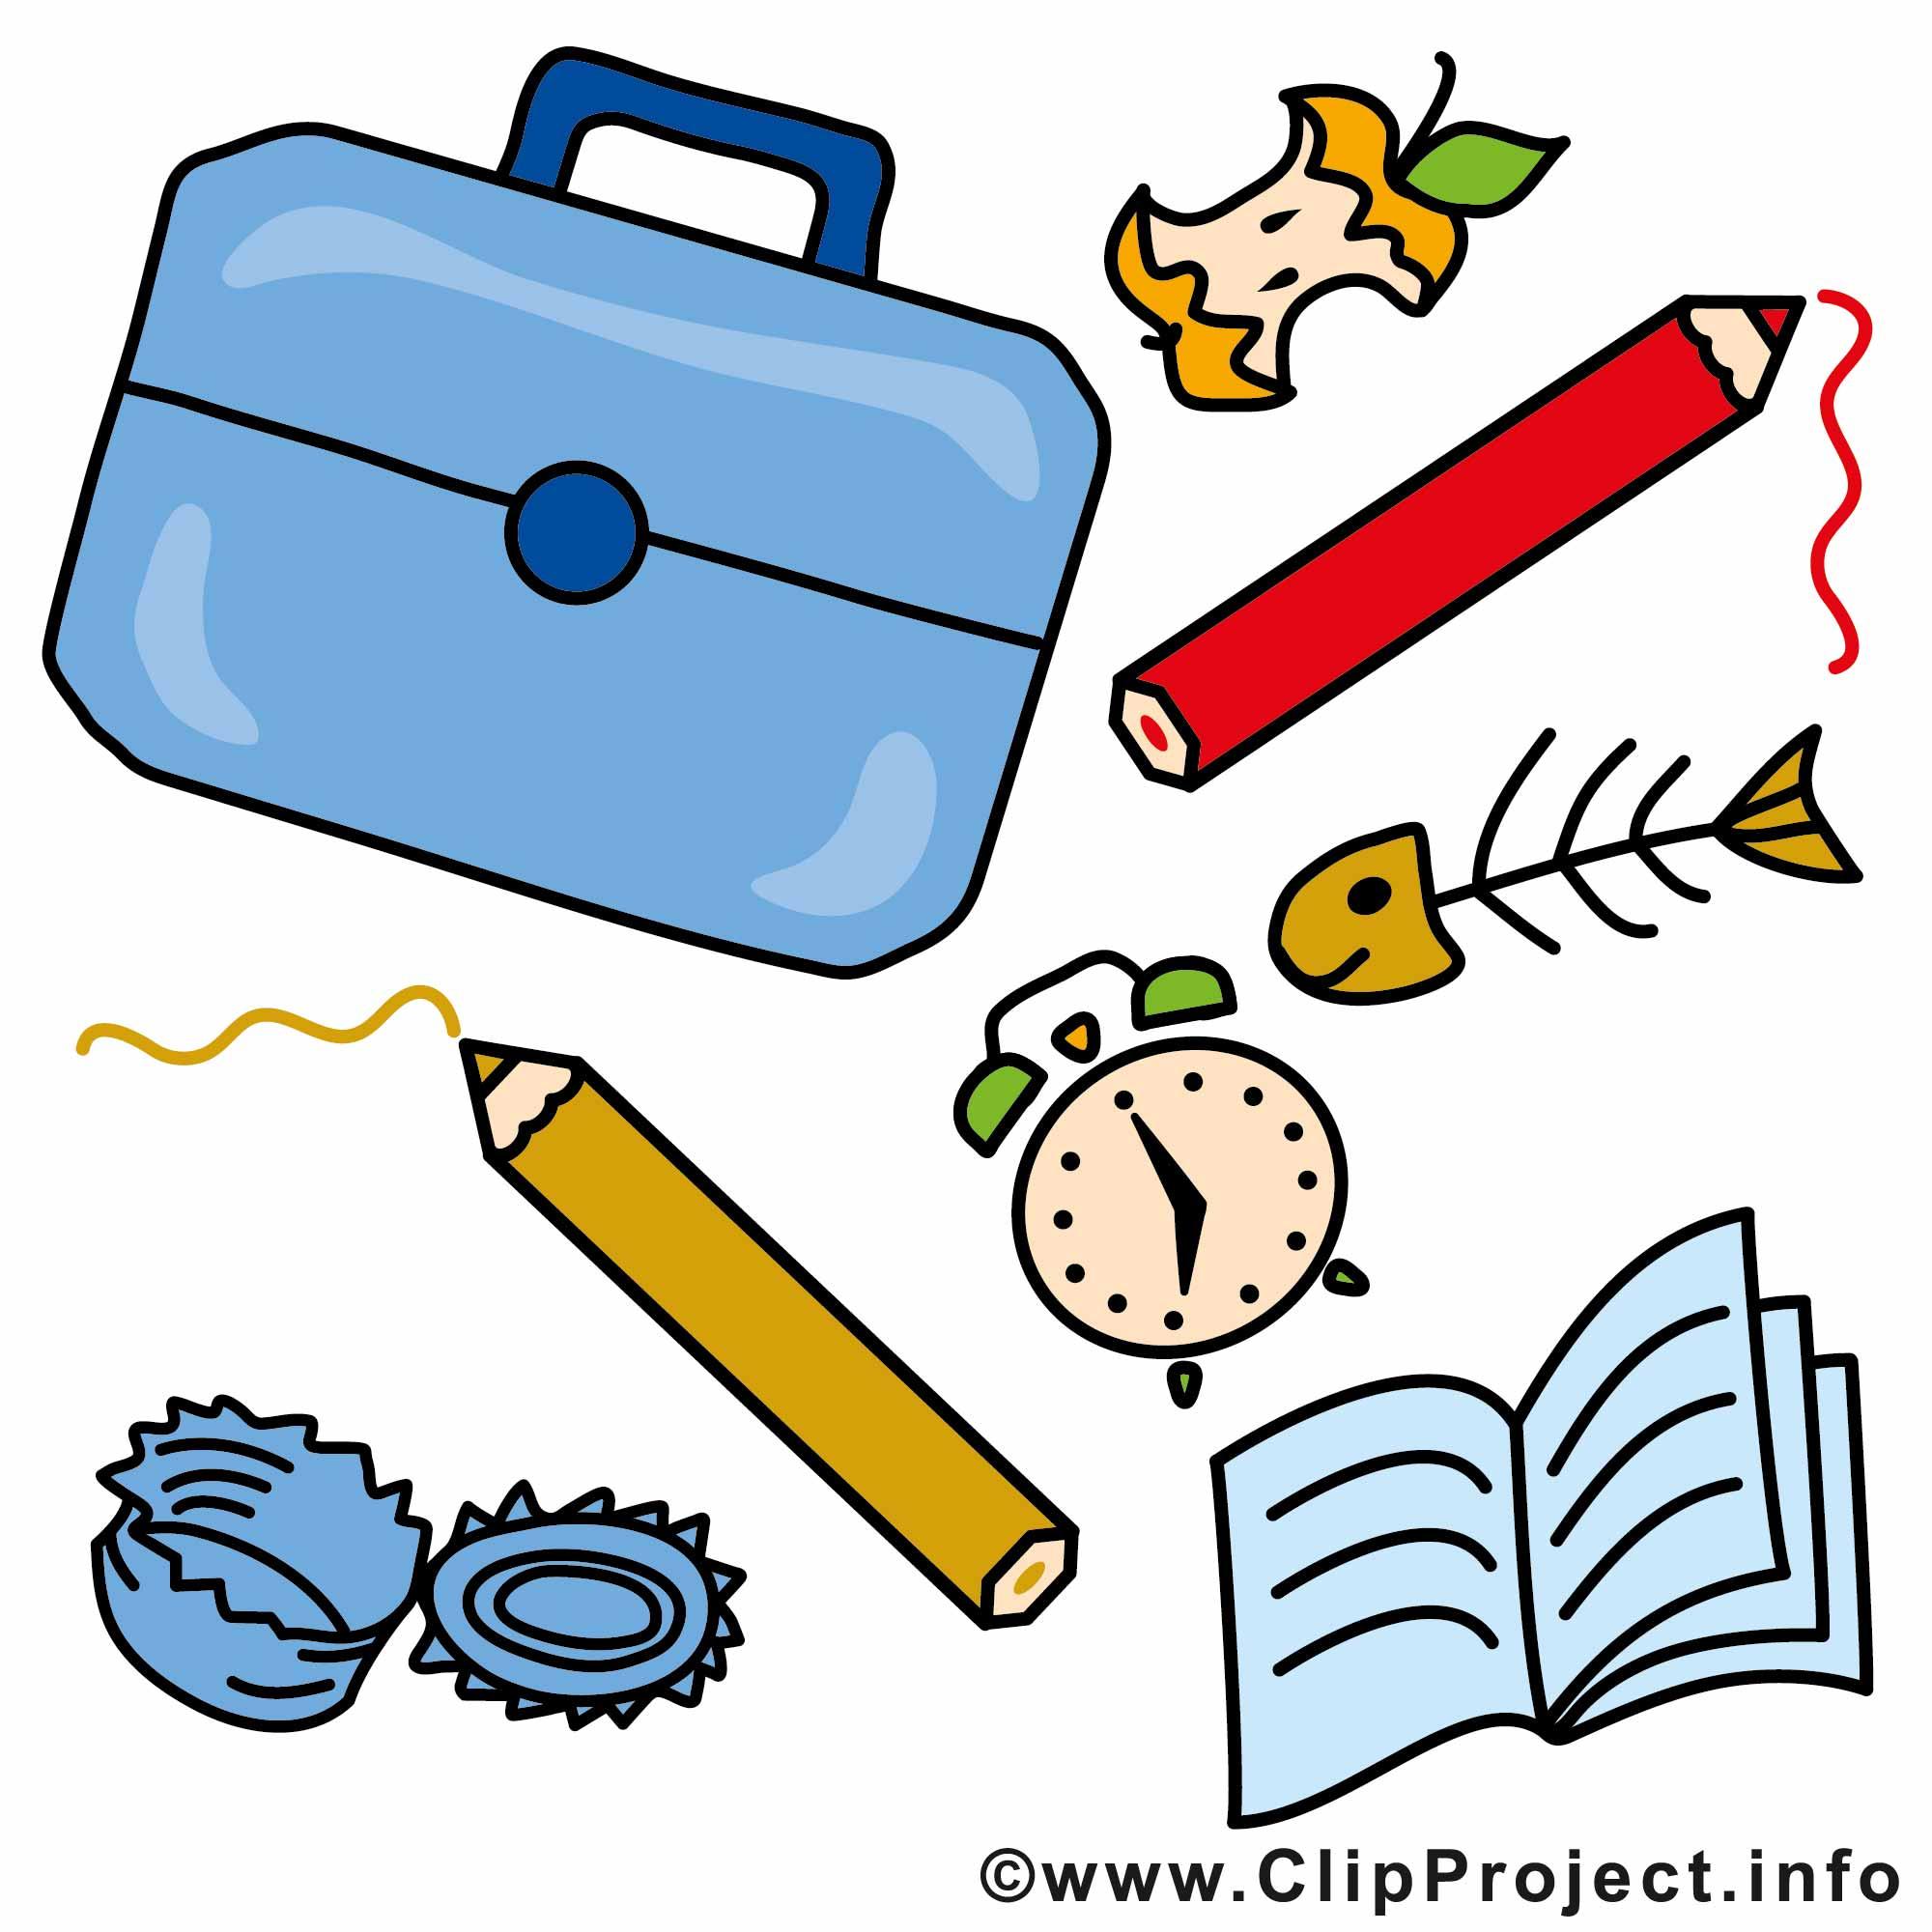 Bilder schule clipart. Cliparts gratis clipartfest download